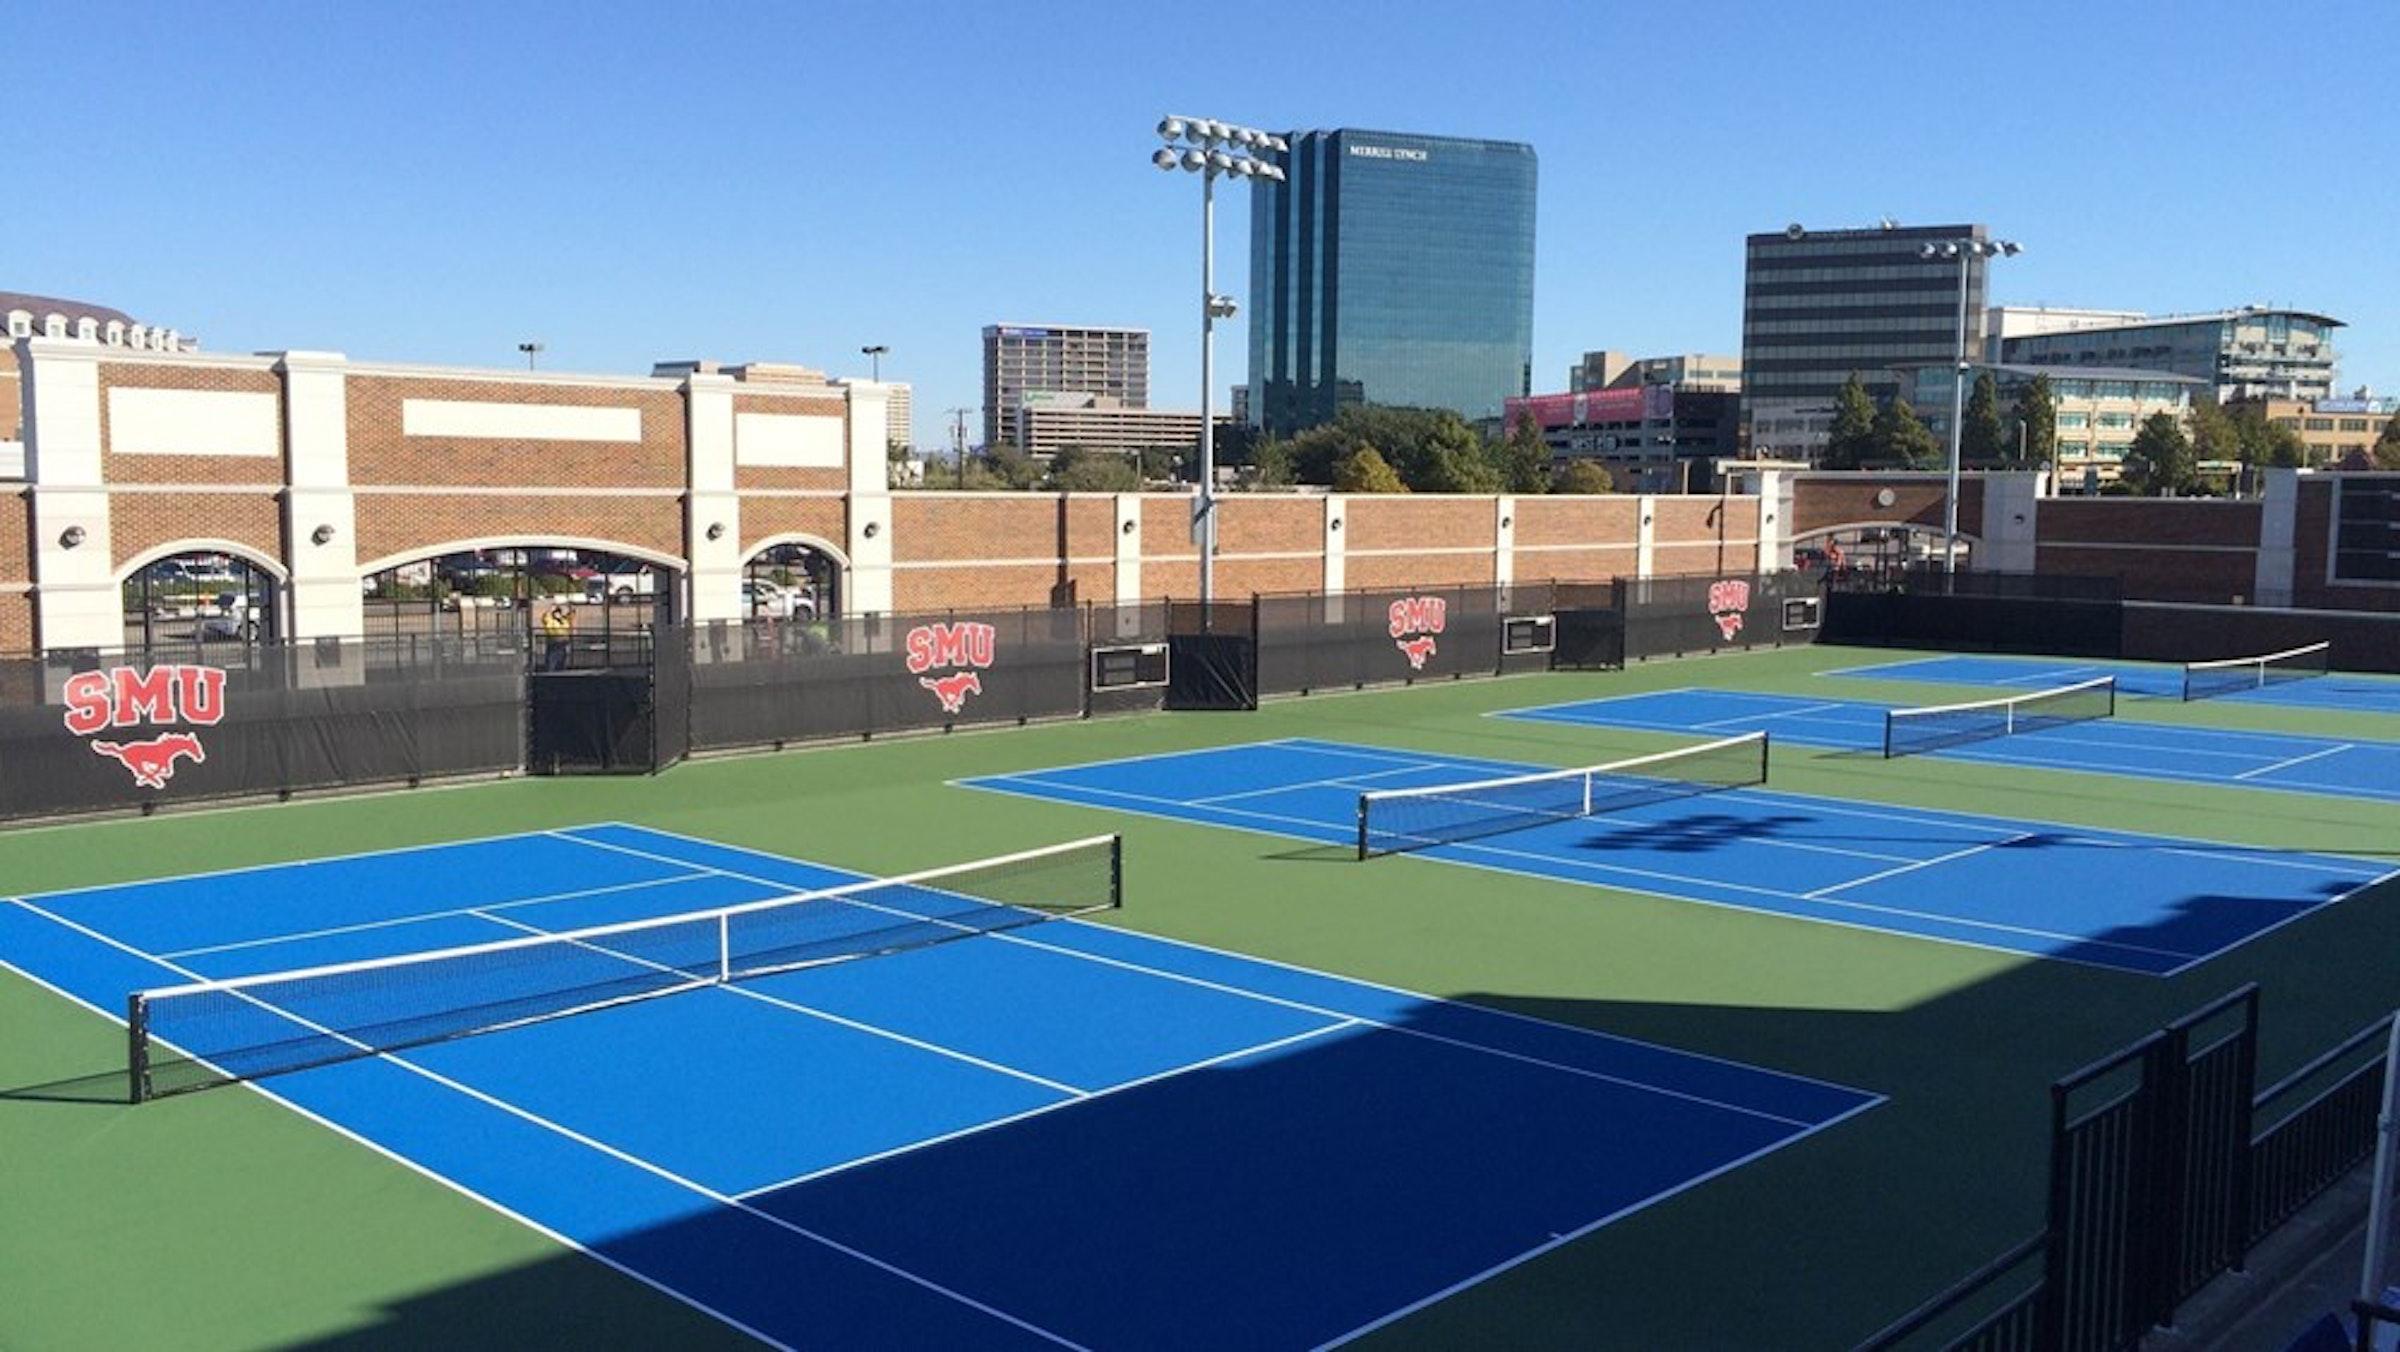 SMU - Tennis Complex in Beyond Dallas